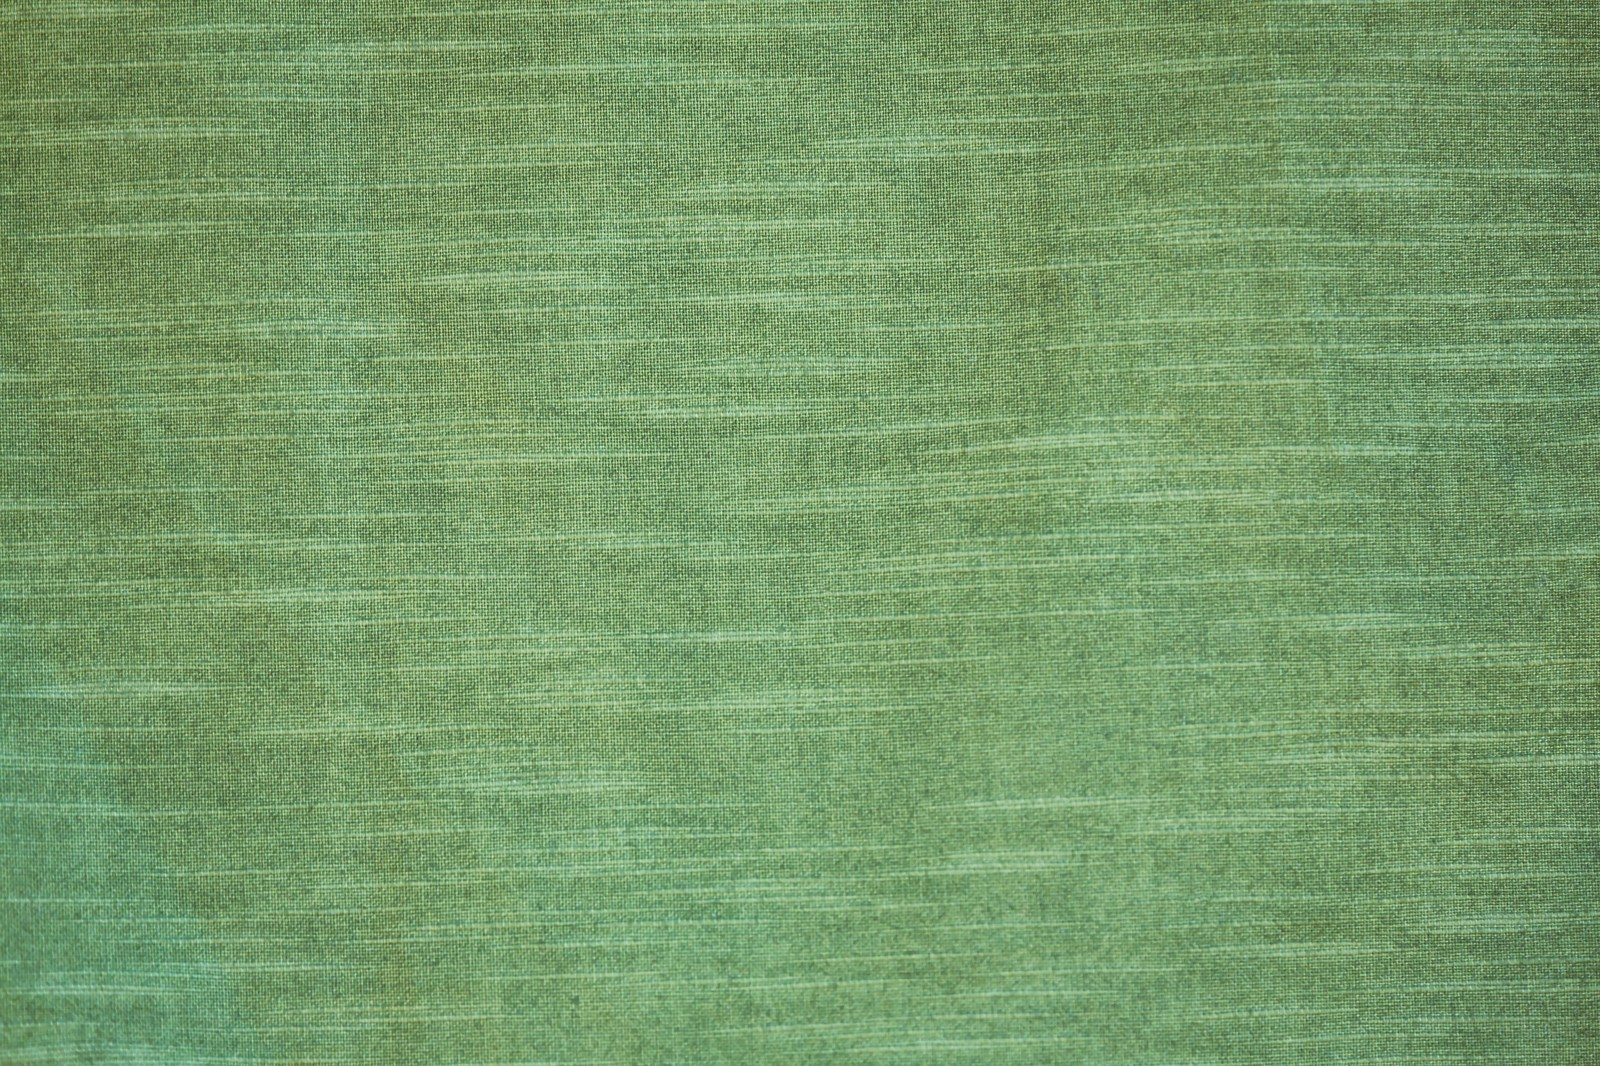 「ウグイス色の生地(テクスチャー)」の写真